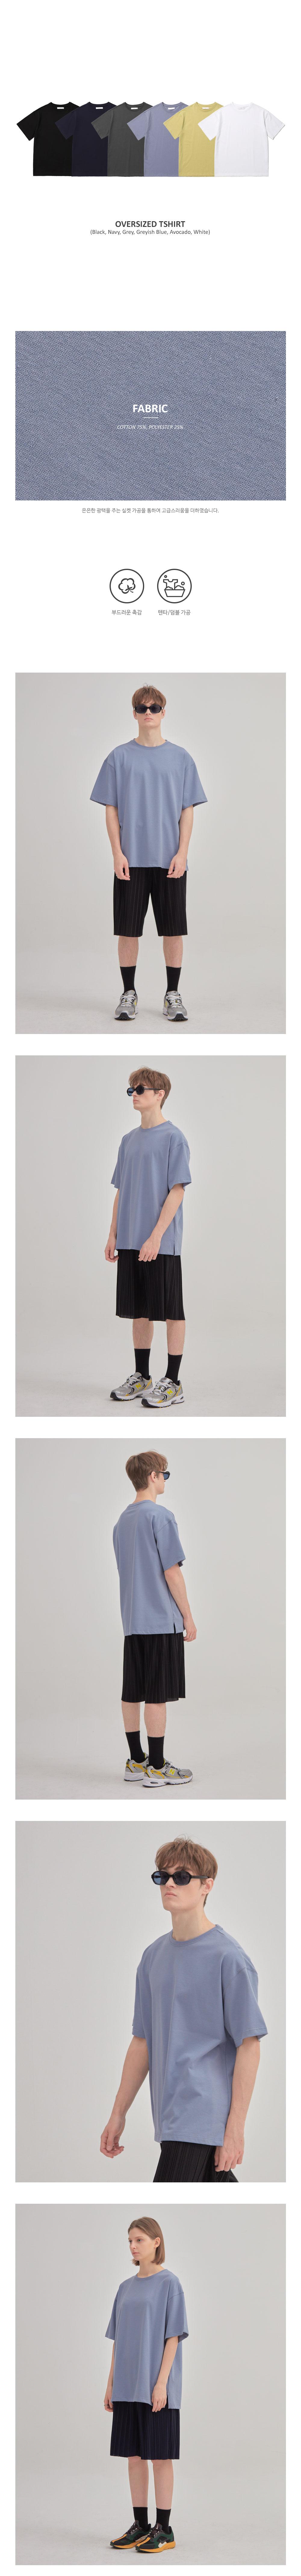 에노우(ENOU) 오버사이즈 티셔츠_그레이쉬블루(EN2AMMT500A)